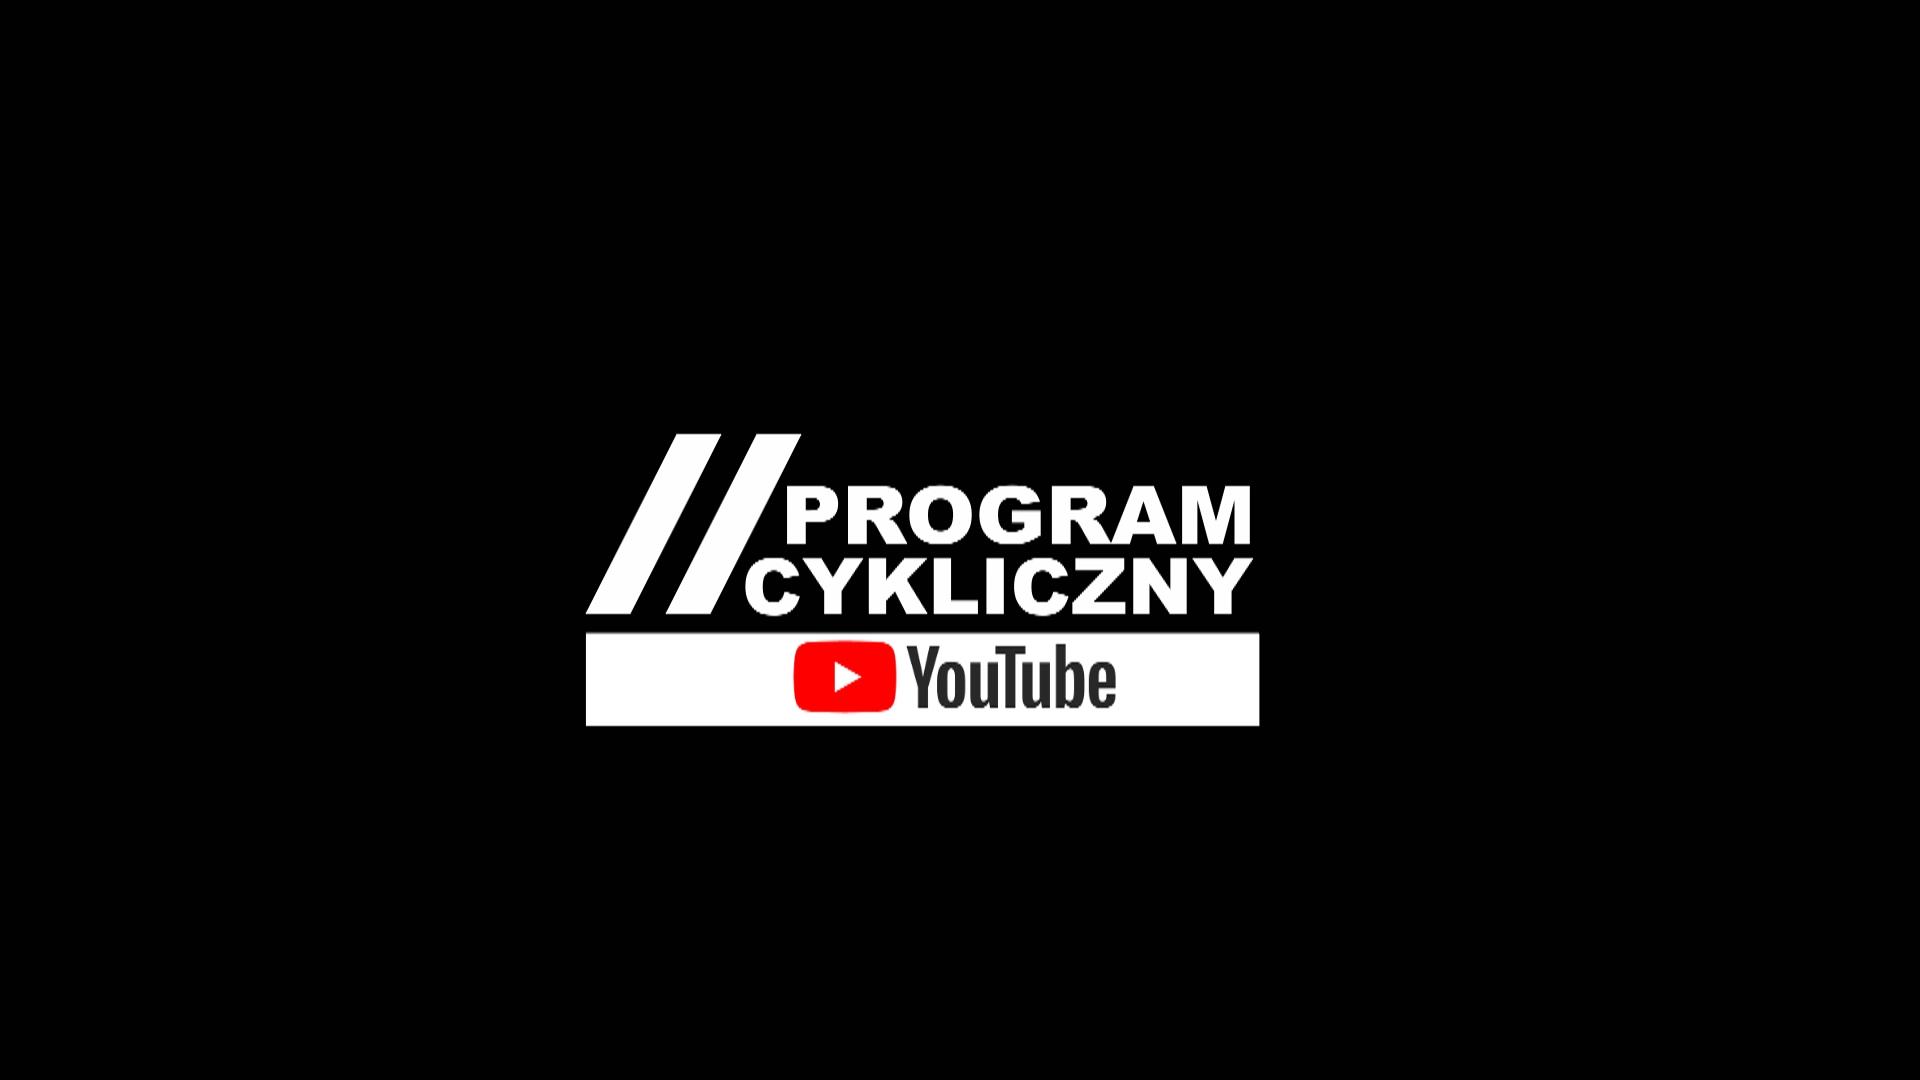 Program Cykliczny powraca na YouTube